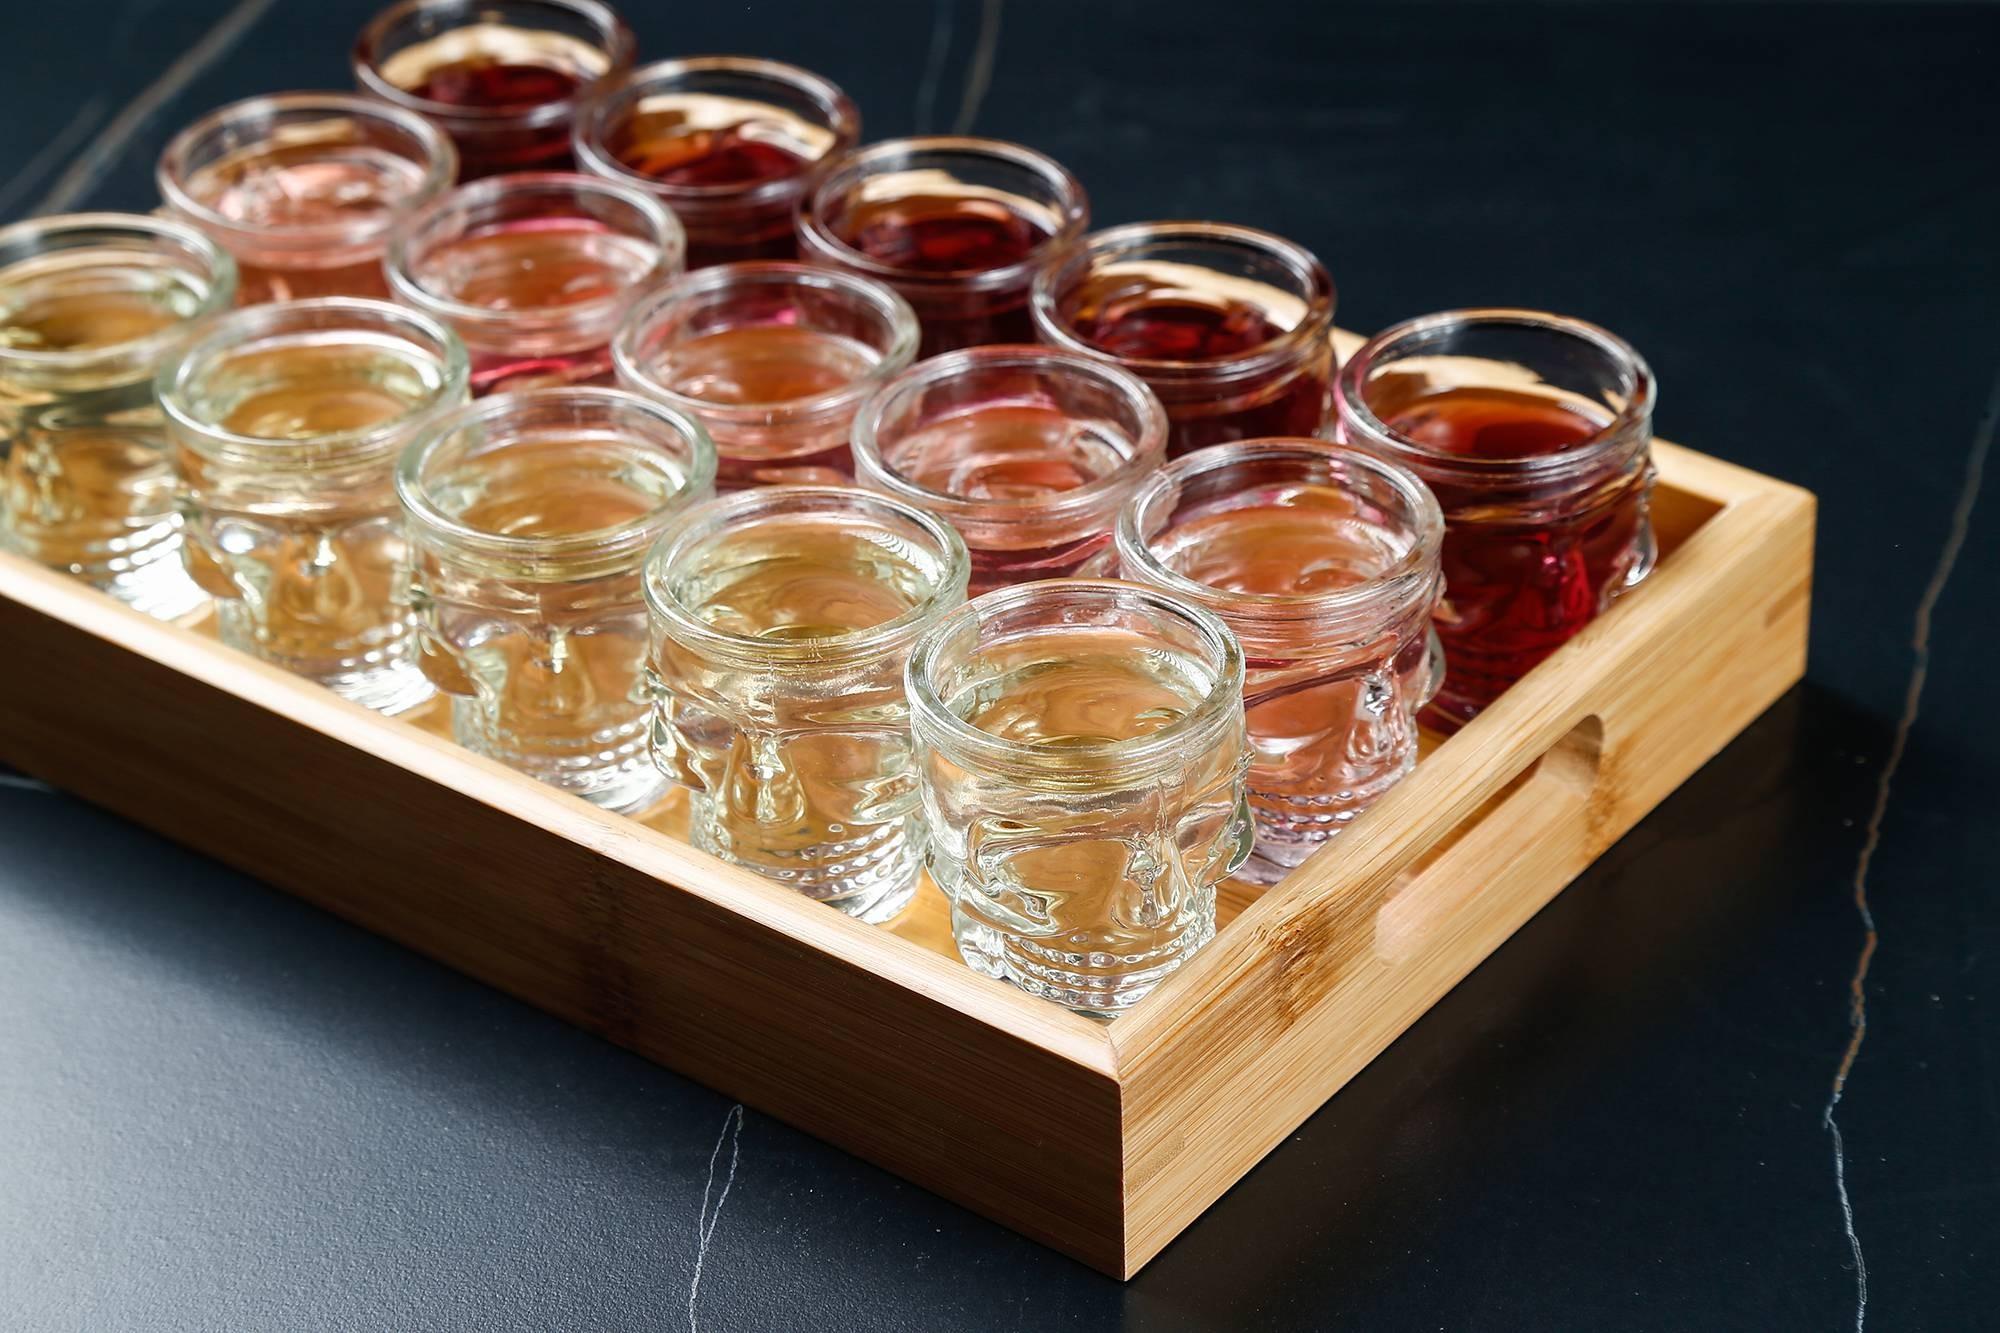 眾二酒館破解酒品類經營難點問題,文化品格附加很重要